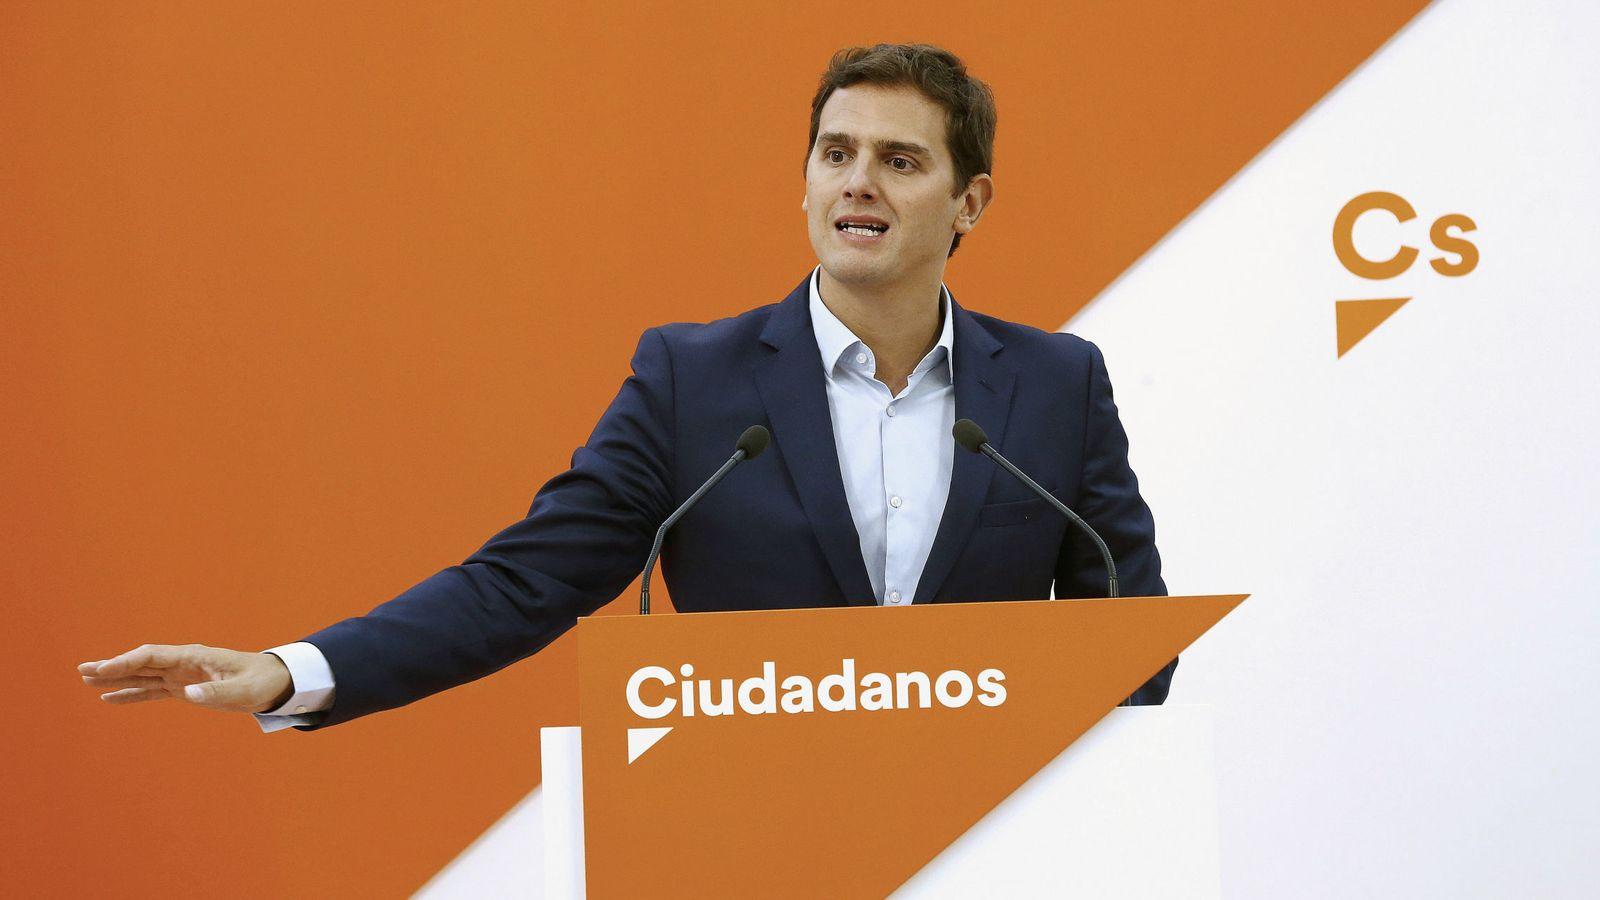 Foto: El presidente de Ciudadanos, Albert Rivera, durante la rueda de prensa. (EFE)